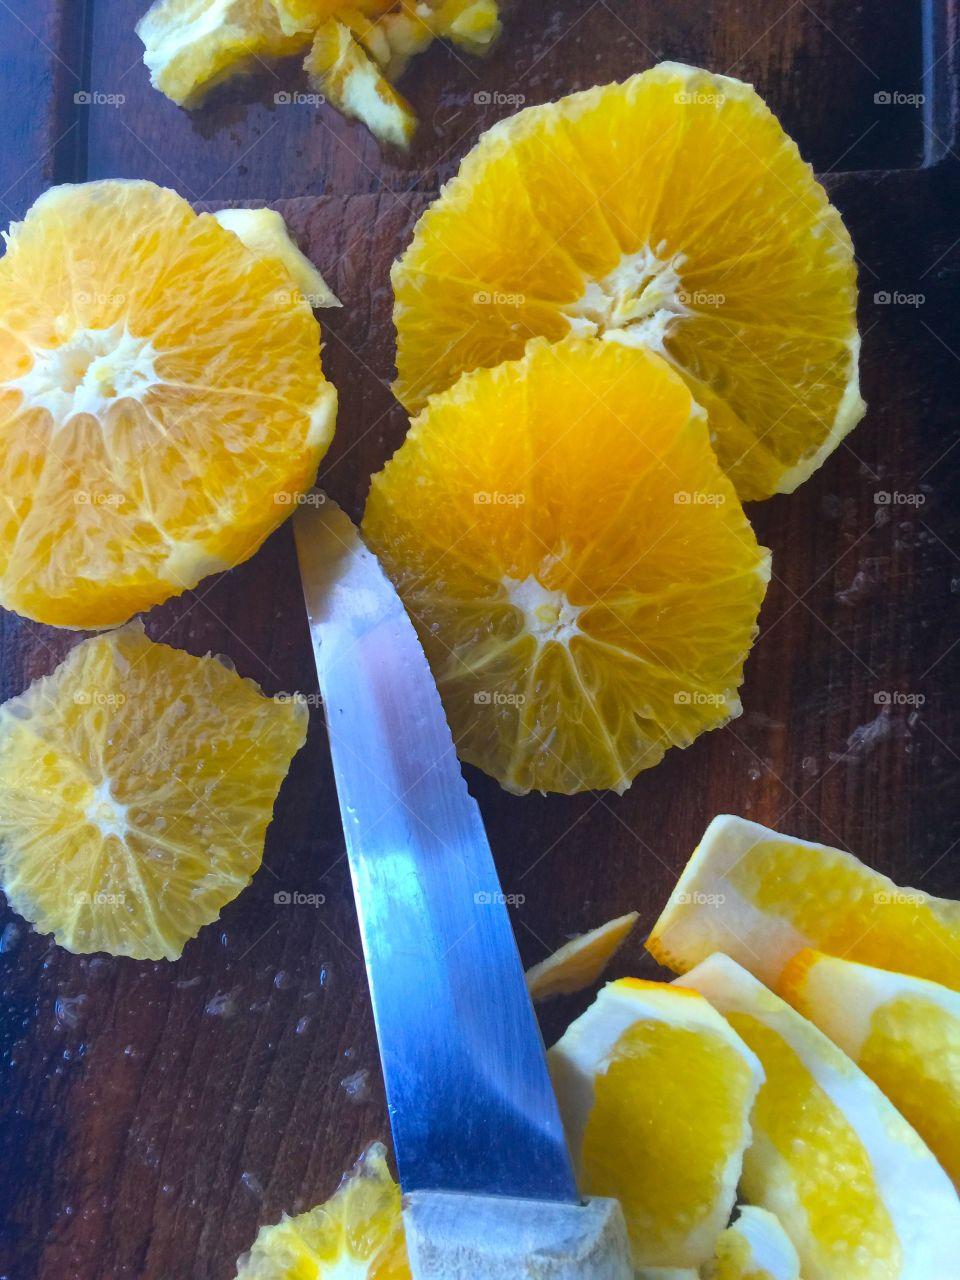 Preparing oranges for fruit salad